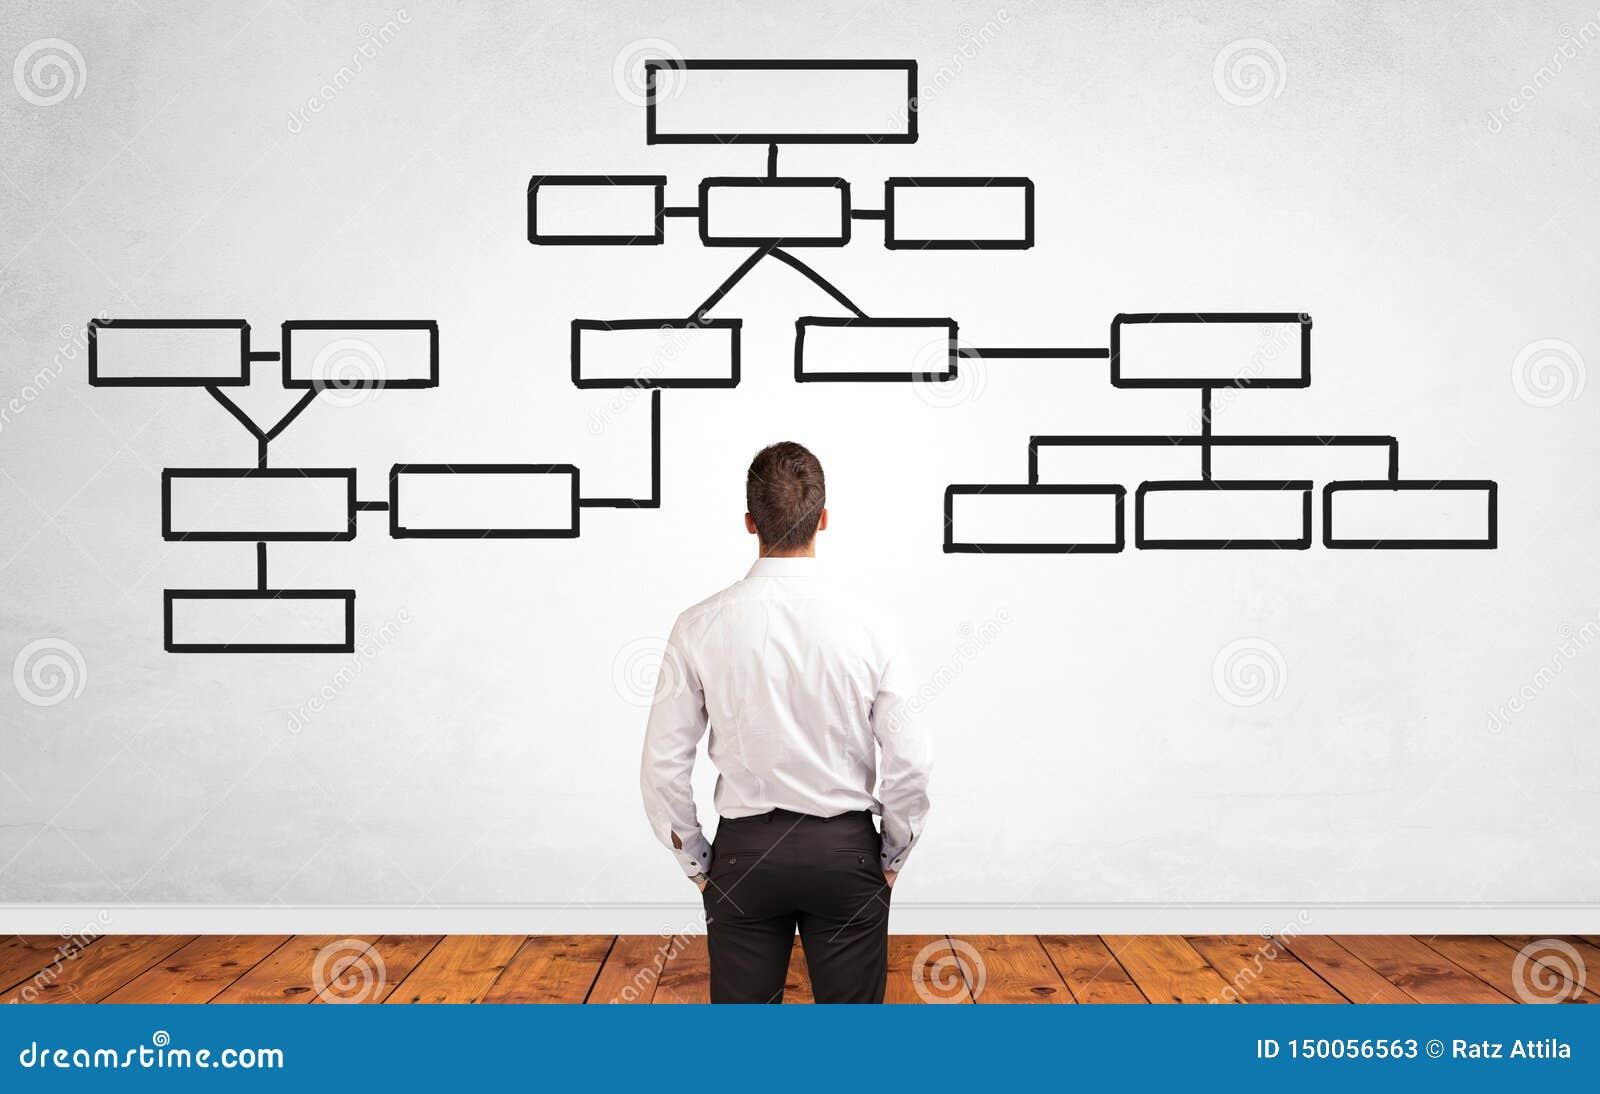 Επιχειρηματίας στην αμφιβολία που ψάχνει την έννοια λύσης με το οργανωτικό διάγραμμα